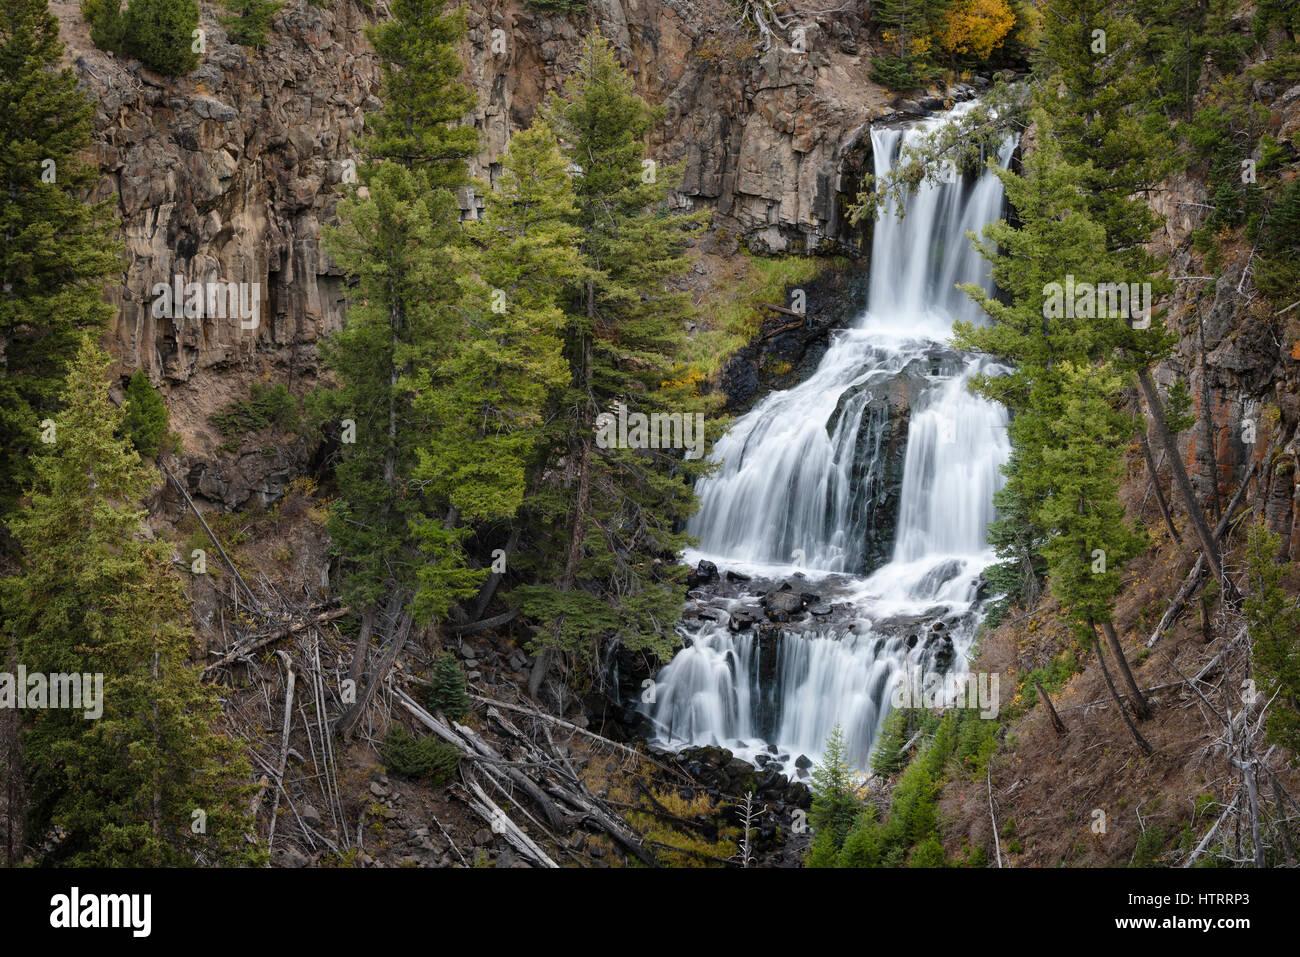 Undine Falls, el Parque Nacional Yellowstone, Wyoming, EE.UU. Imagen De Stock